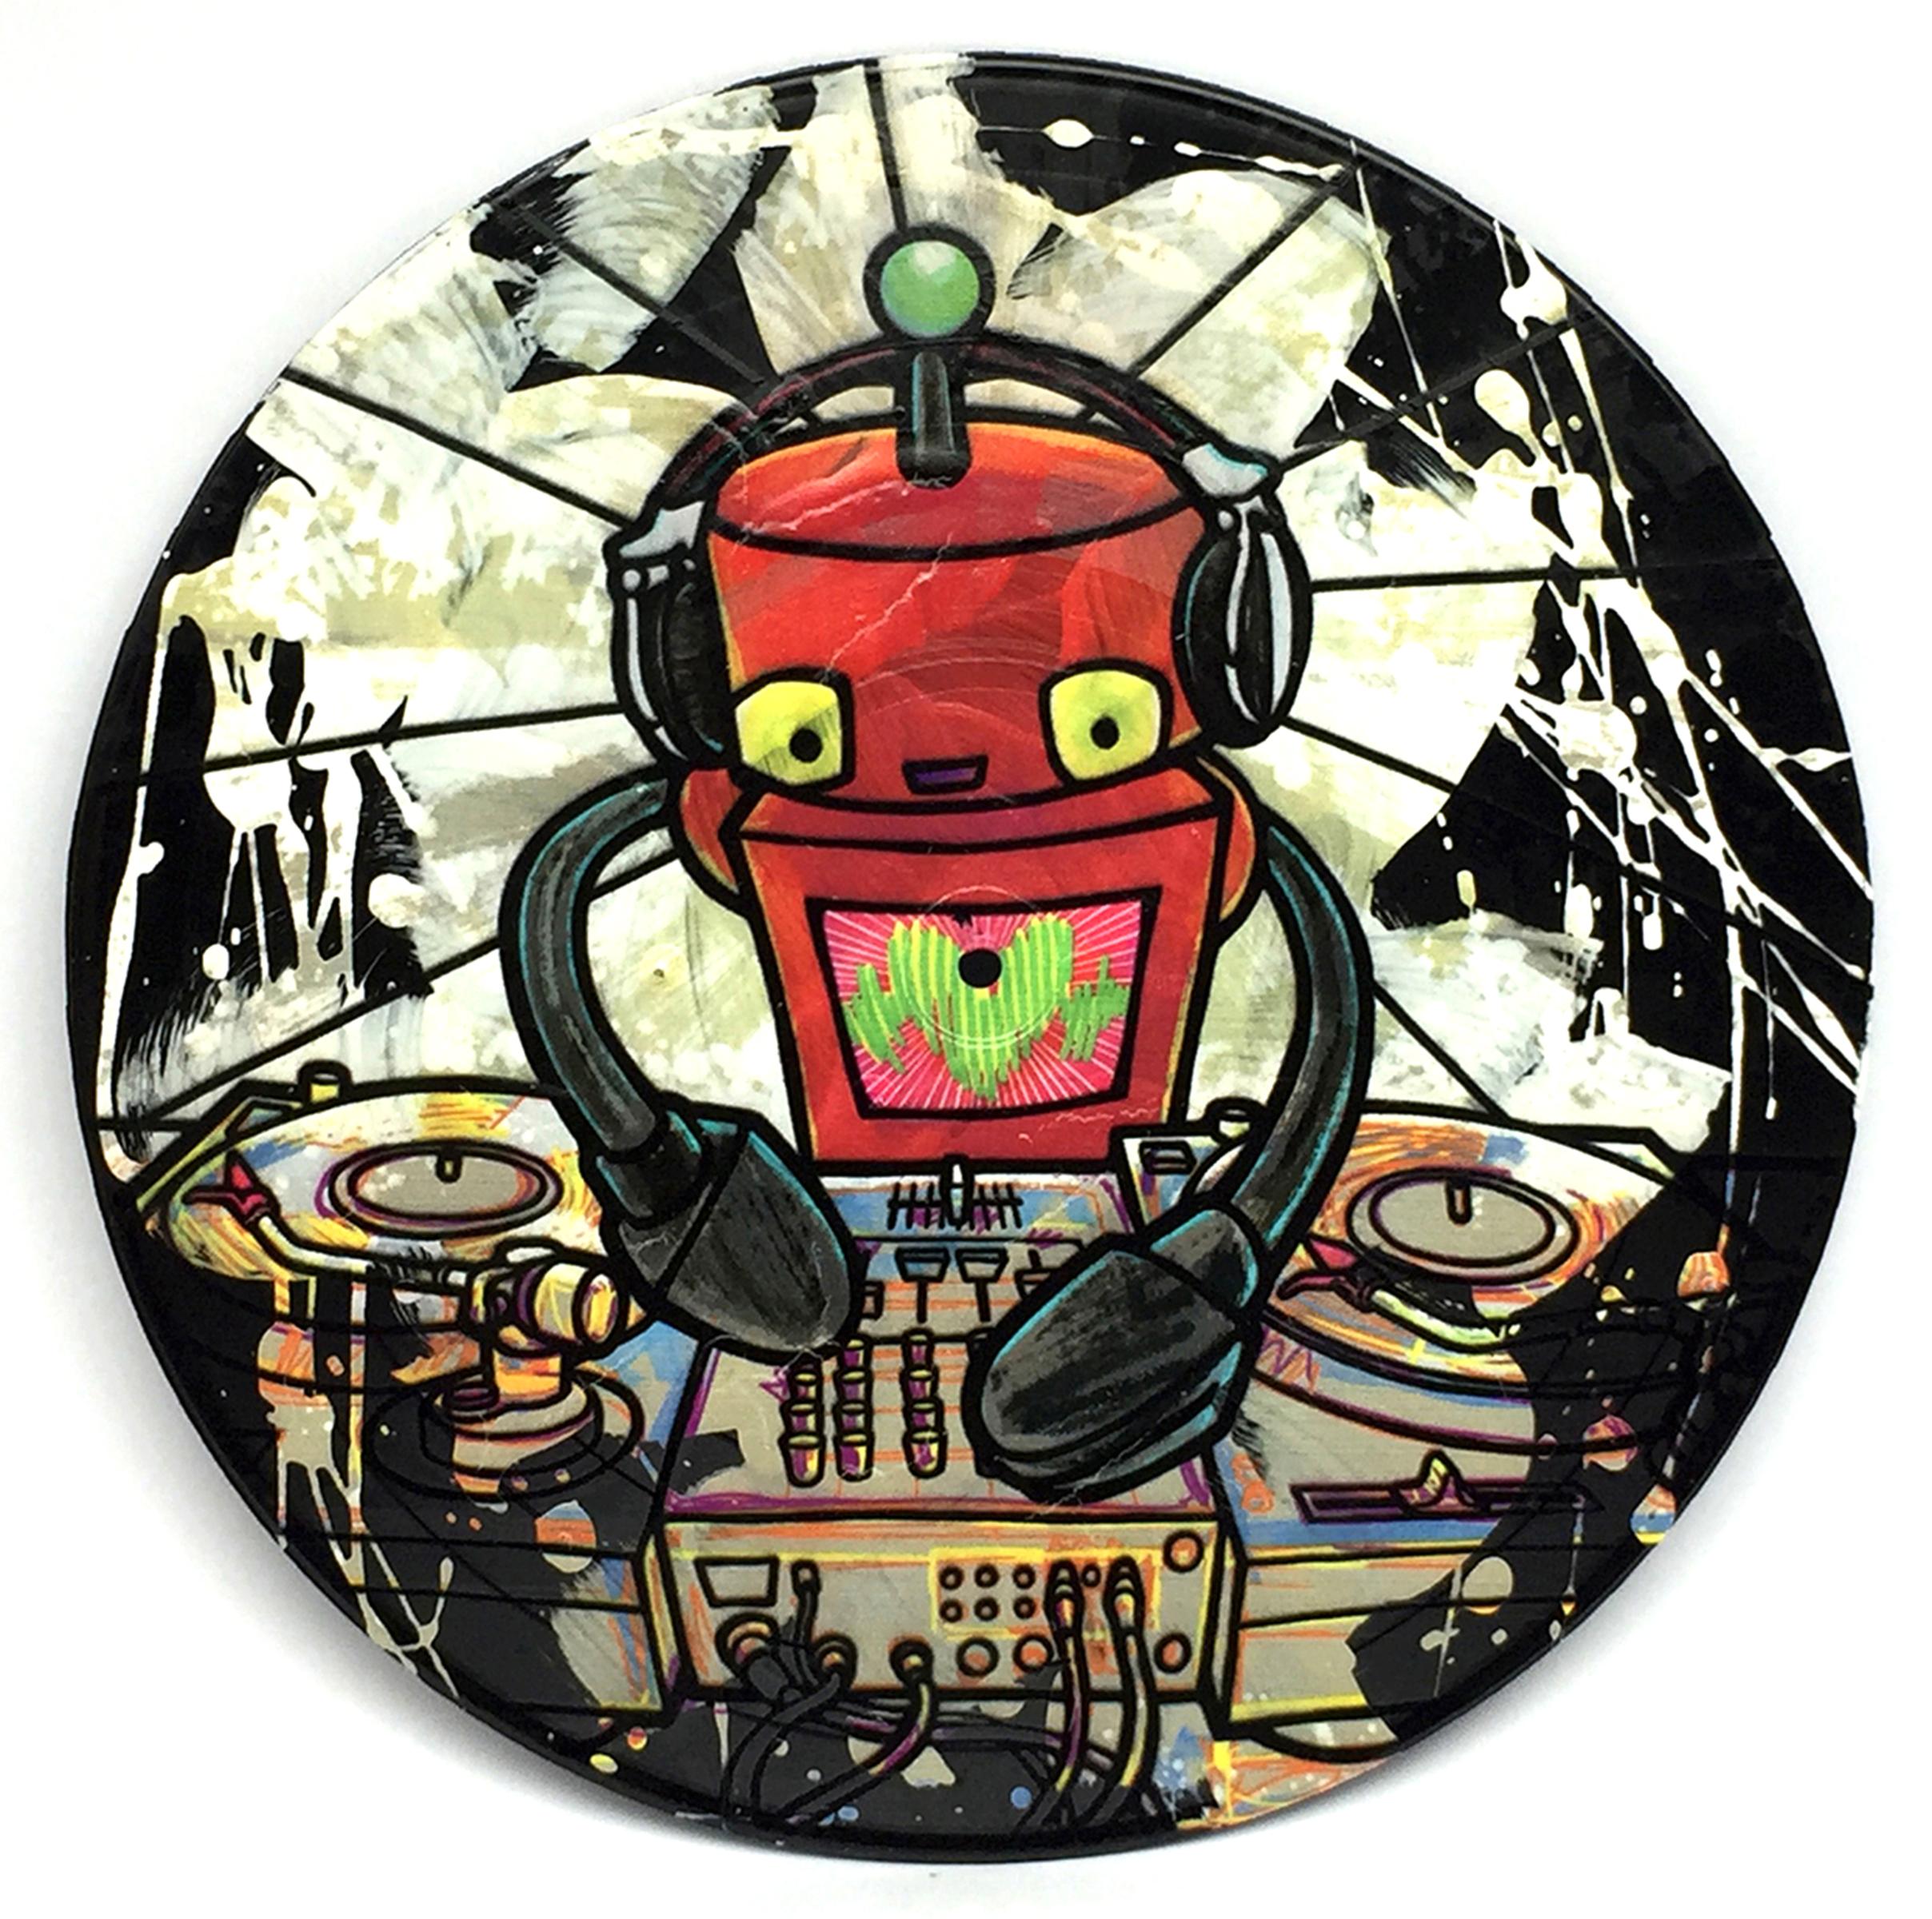 B Sides - DJ - click to download hi res file